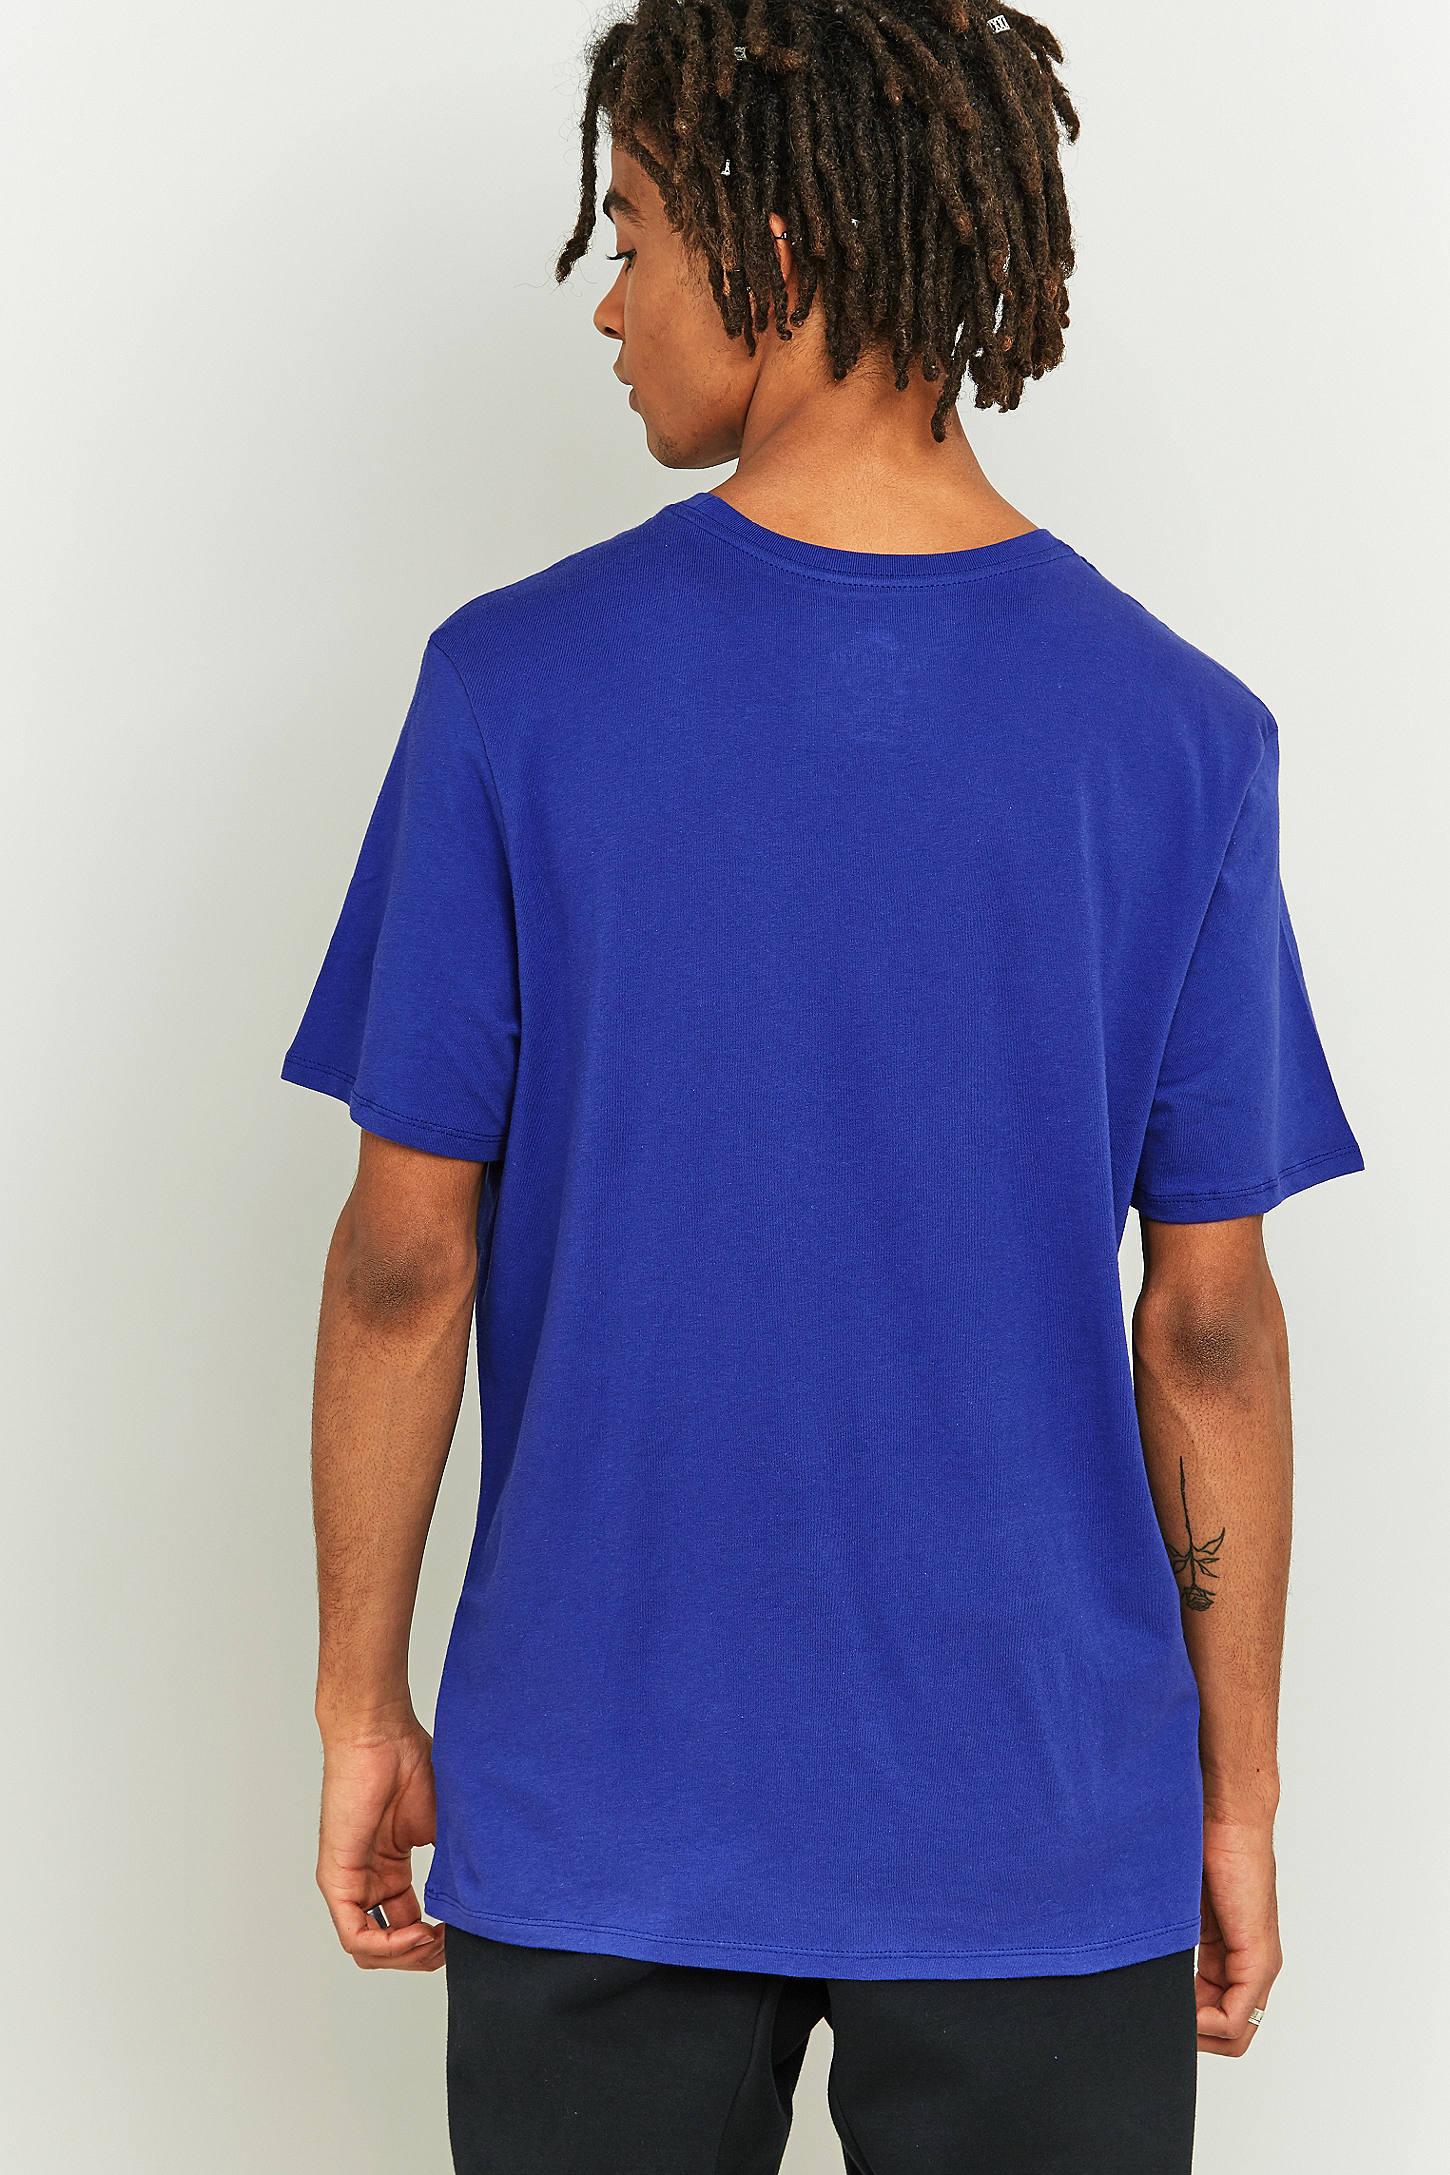 Slide View: 4: Nike T shirt sportswear avec logo virgule en diagonale